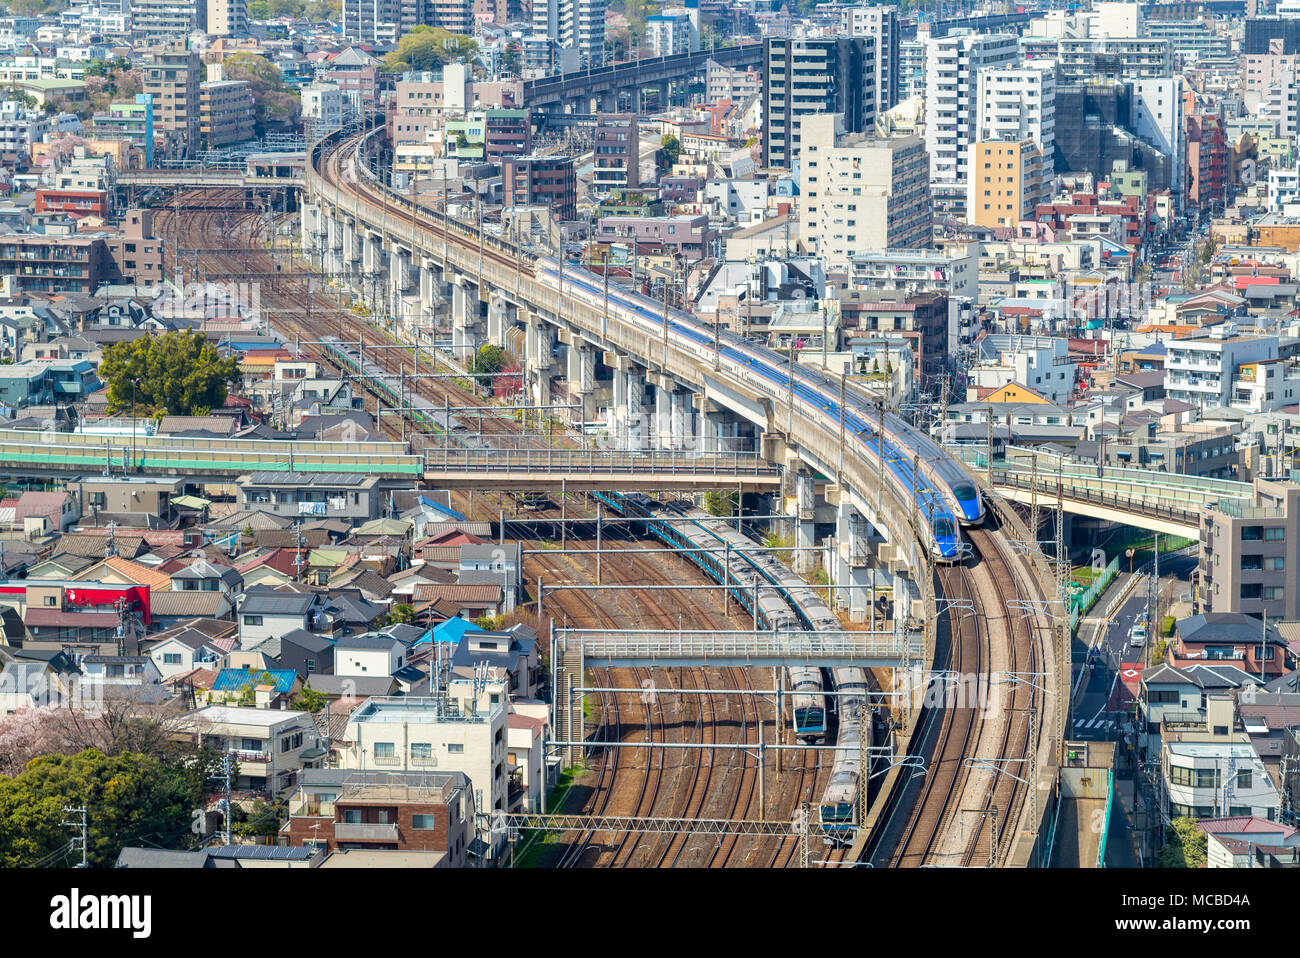 La stazione ferroviaria e la metropolitana di Tokyo, Giappone Immagini Stock